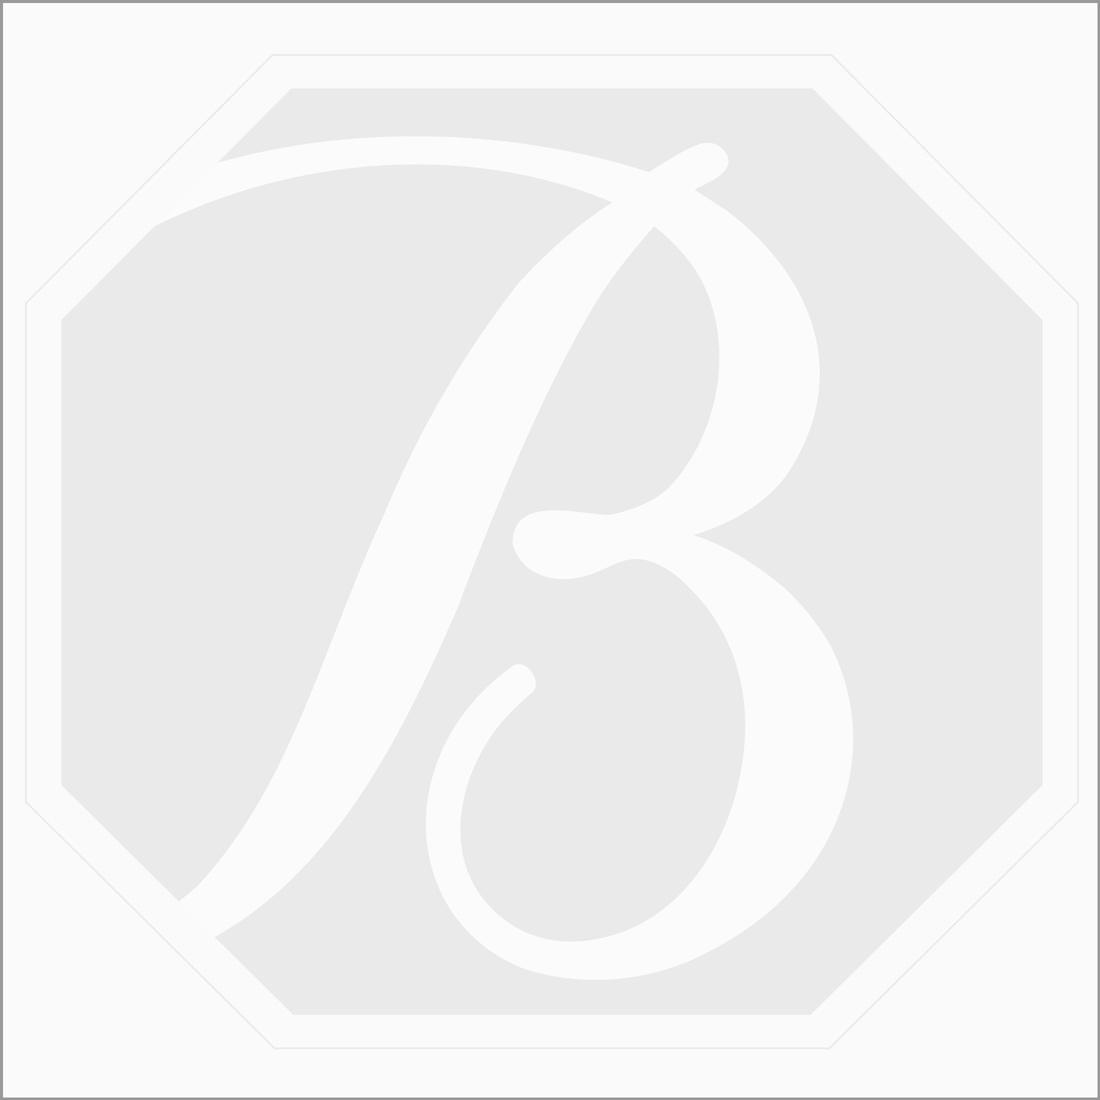 11 Pcs - 26.77 ct. - Green Tourmaline Rose Cut -9.3 x 7.2 x 2.1 mm to 15.1 x 9.3 x 1.8 mm (TRC1089)